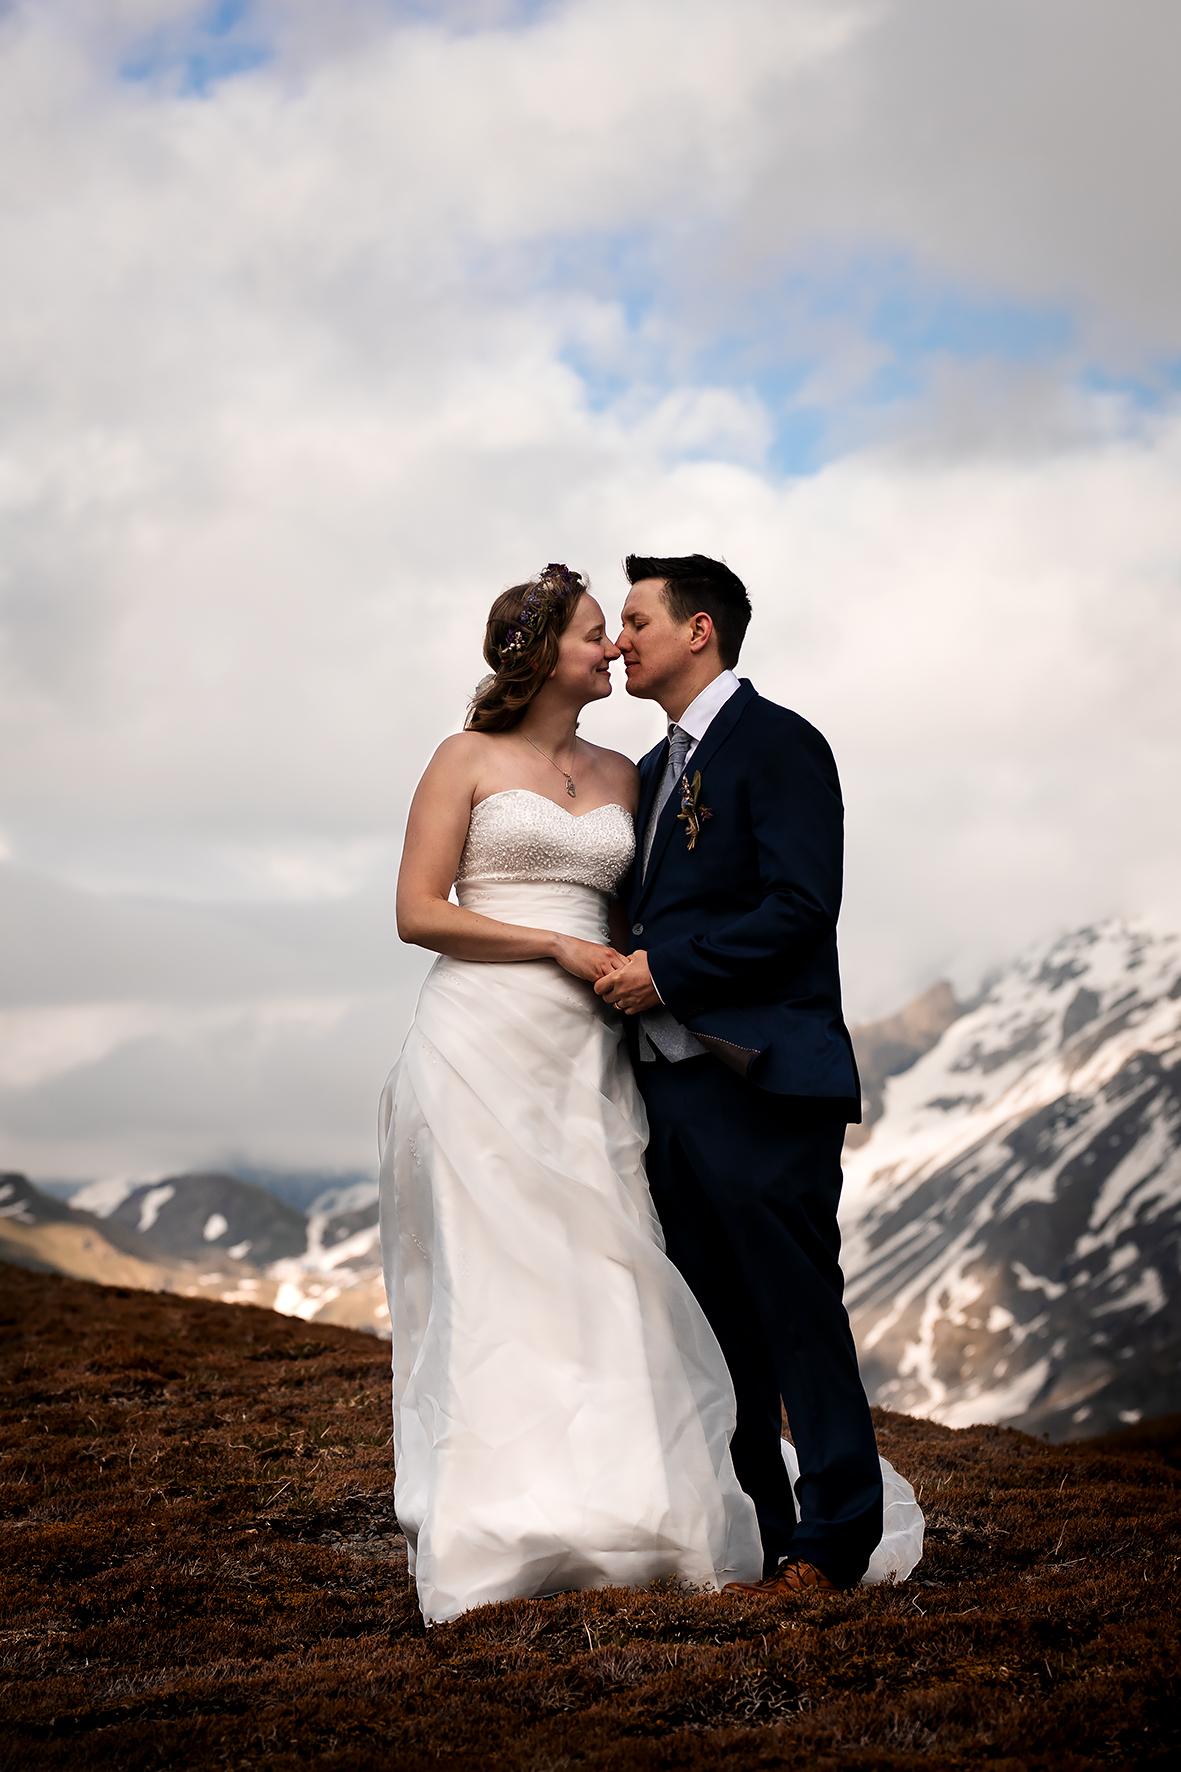 Ein klassisches Portrait von einem Brautpaar in den Bergen. Die Brautleute halten sich an den Händen und legen zärtlich ihre Gesichter aneinander. Die Sonne scheint hinter den Beiden auf den Jochpass über Engelberg. Das Brautpaarshooting ist Teil eines Elopements in den Schweizer Bergen.